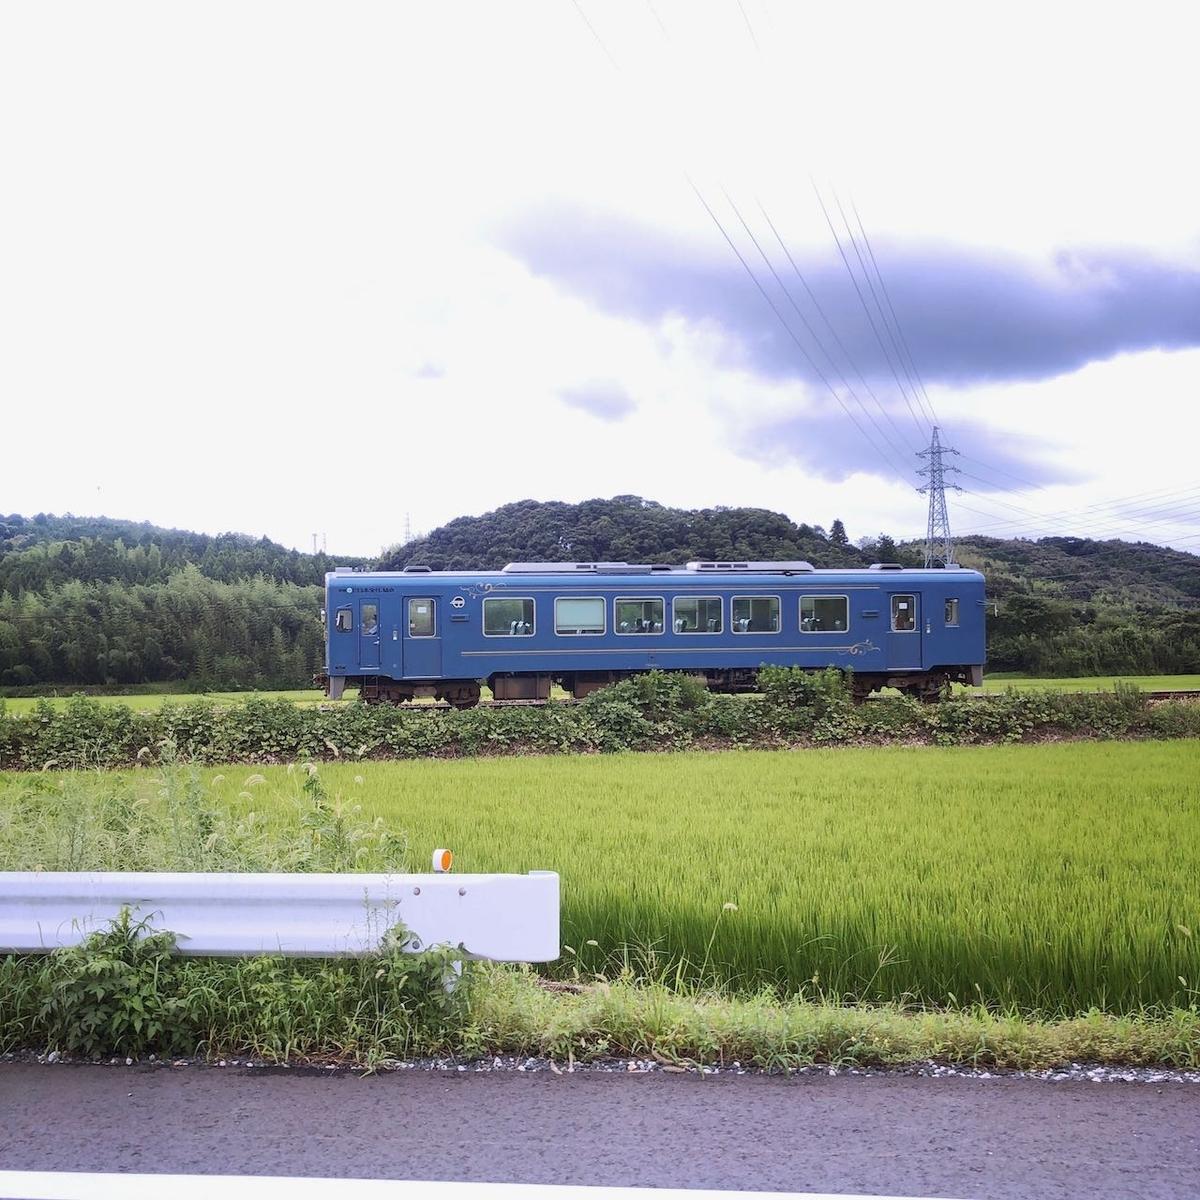 f:id:mick_kamihara:20210822091005j:plain